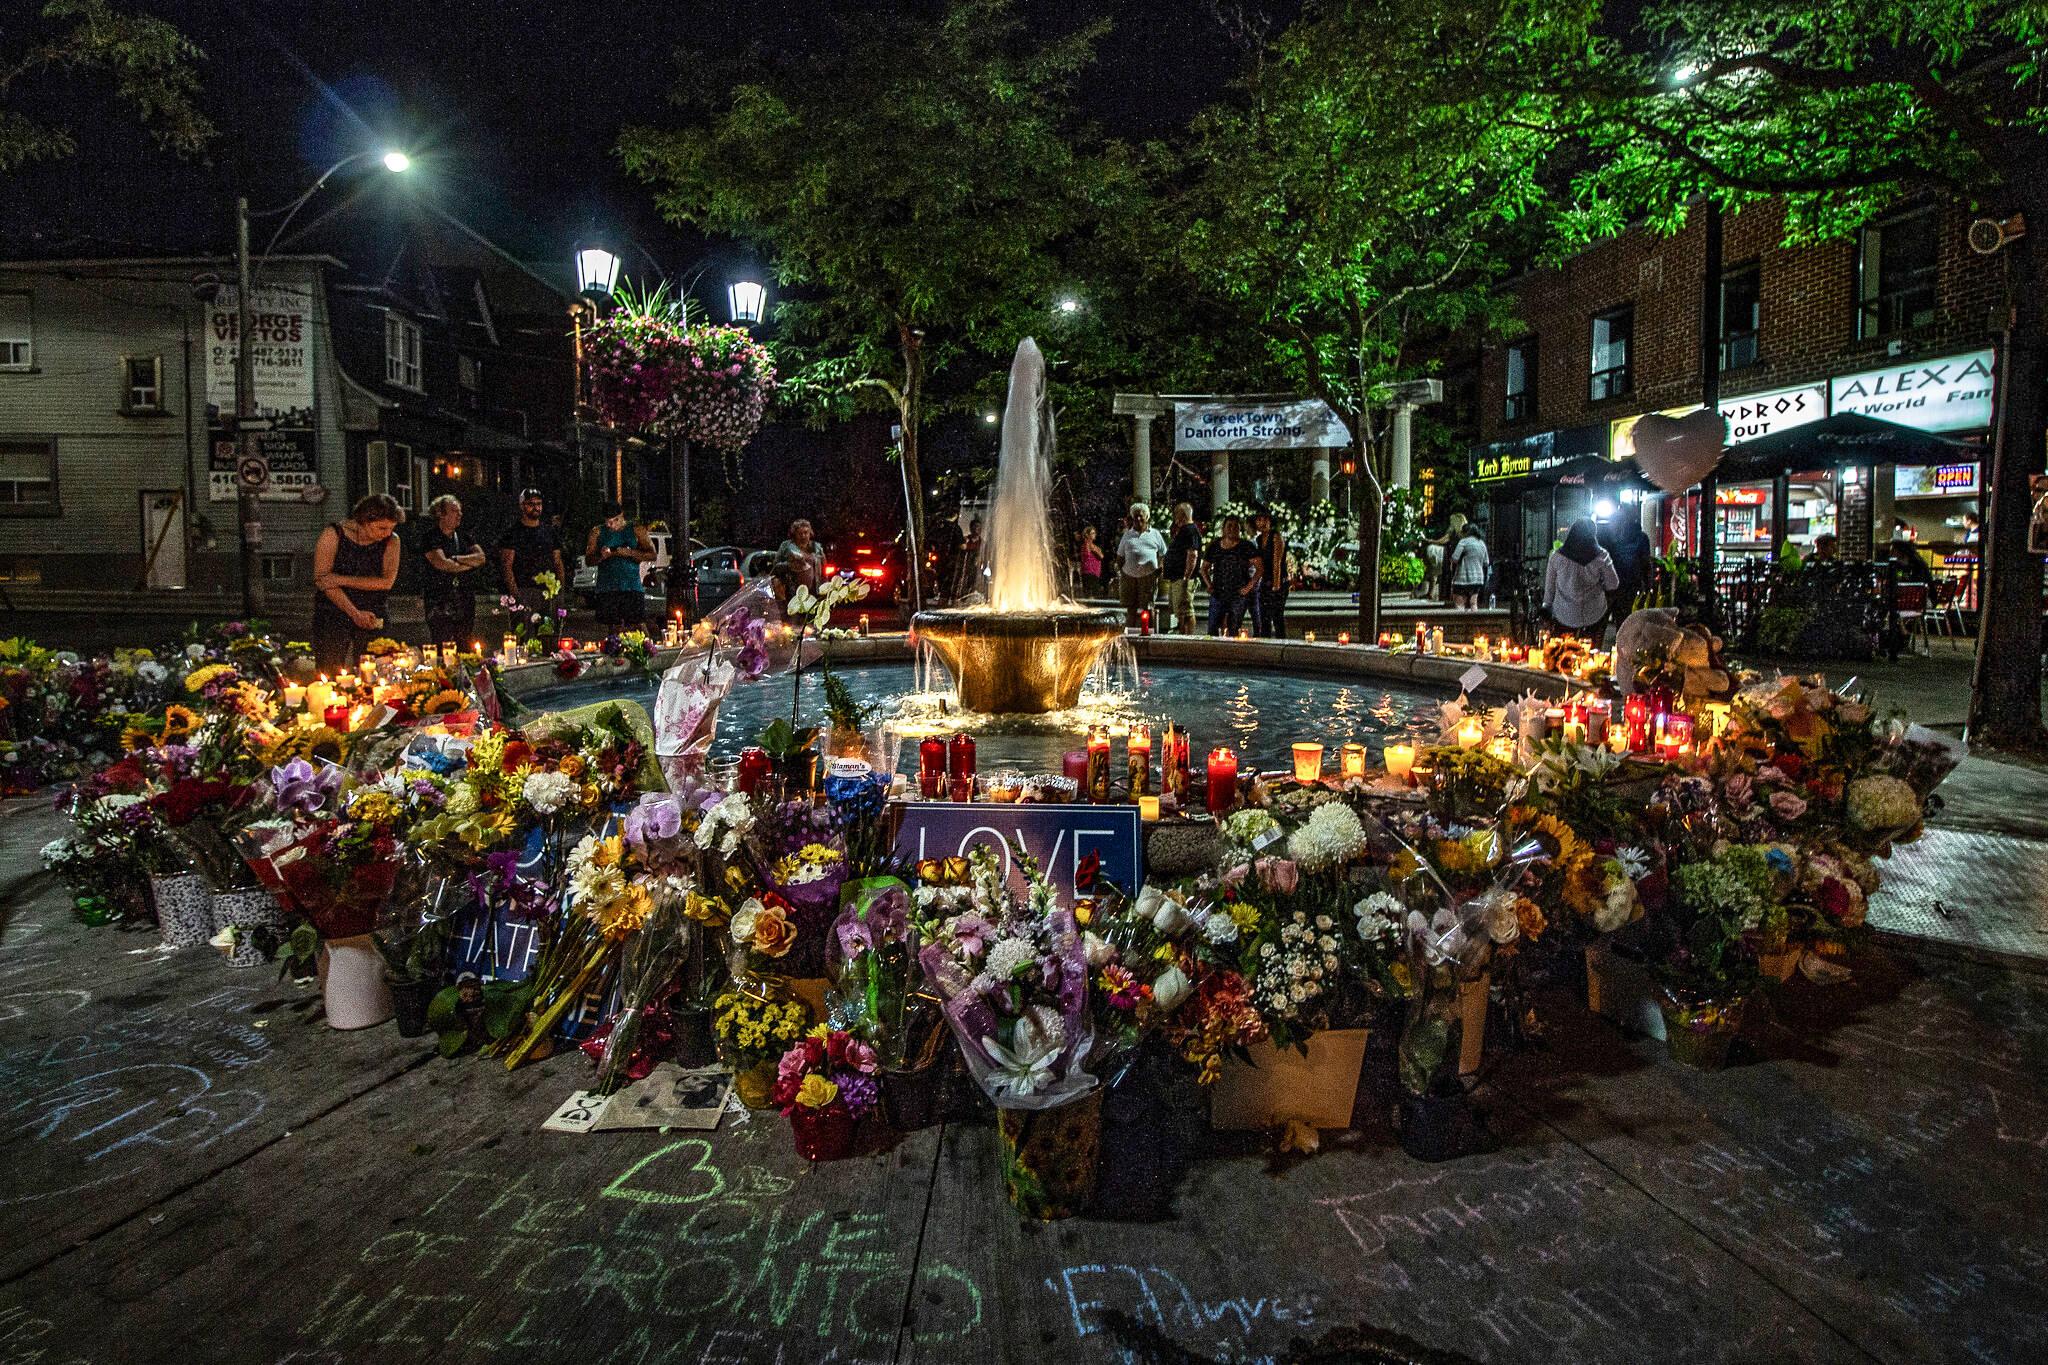 danforth memorial protest